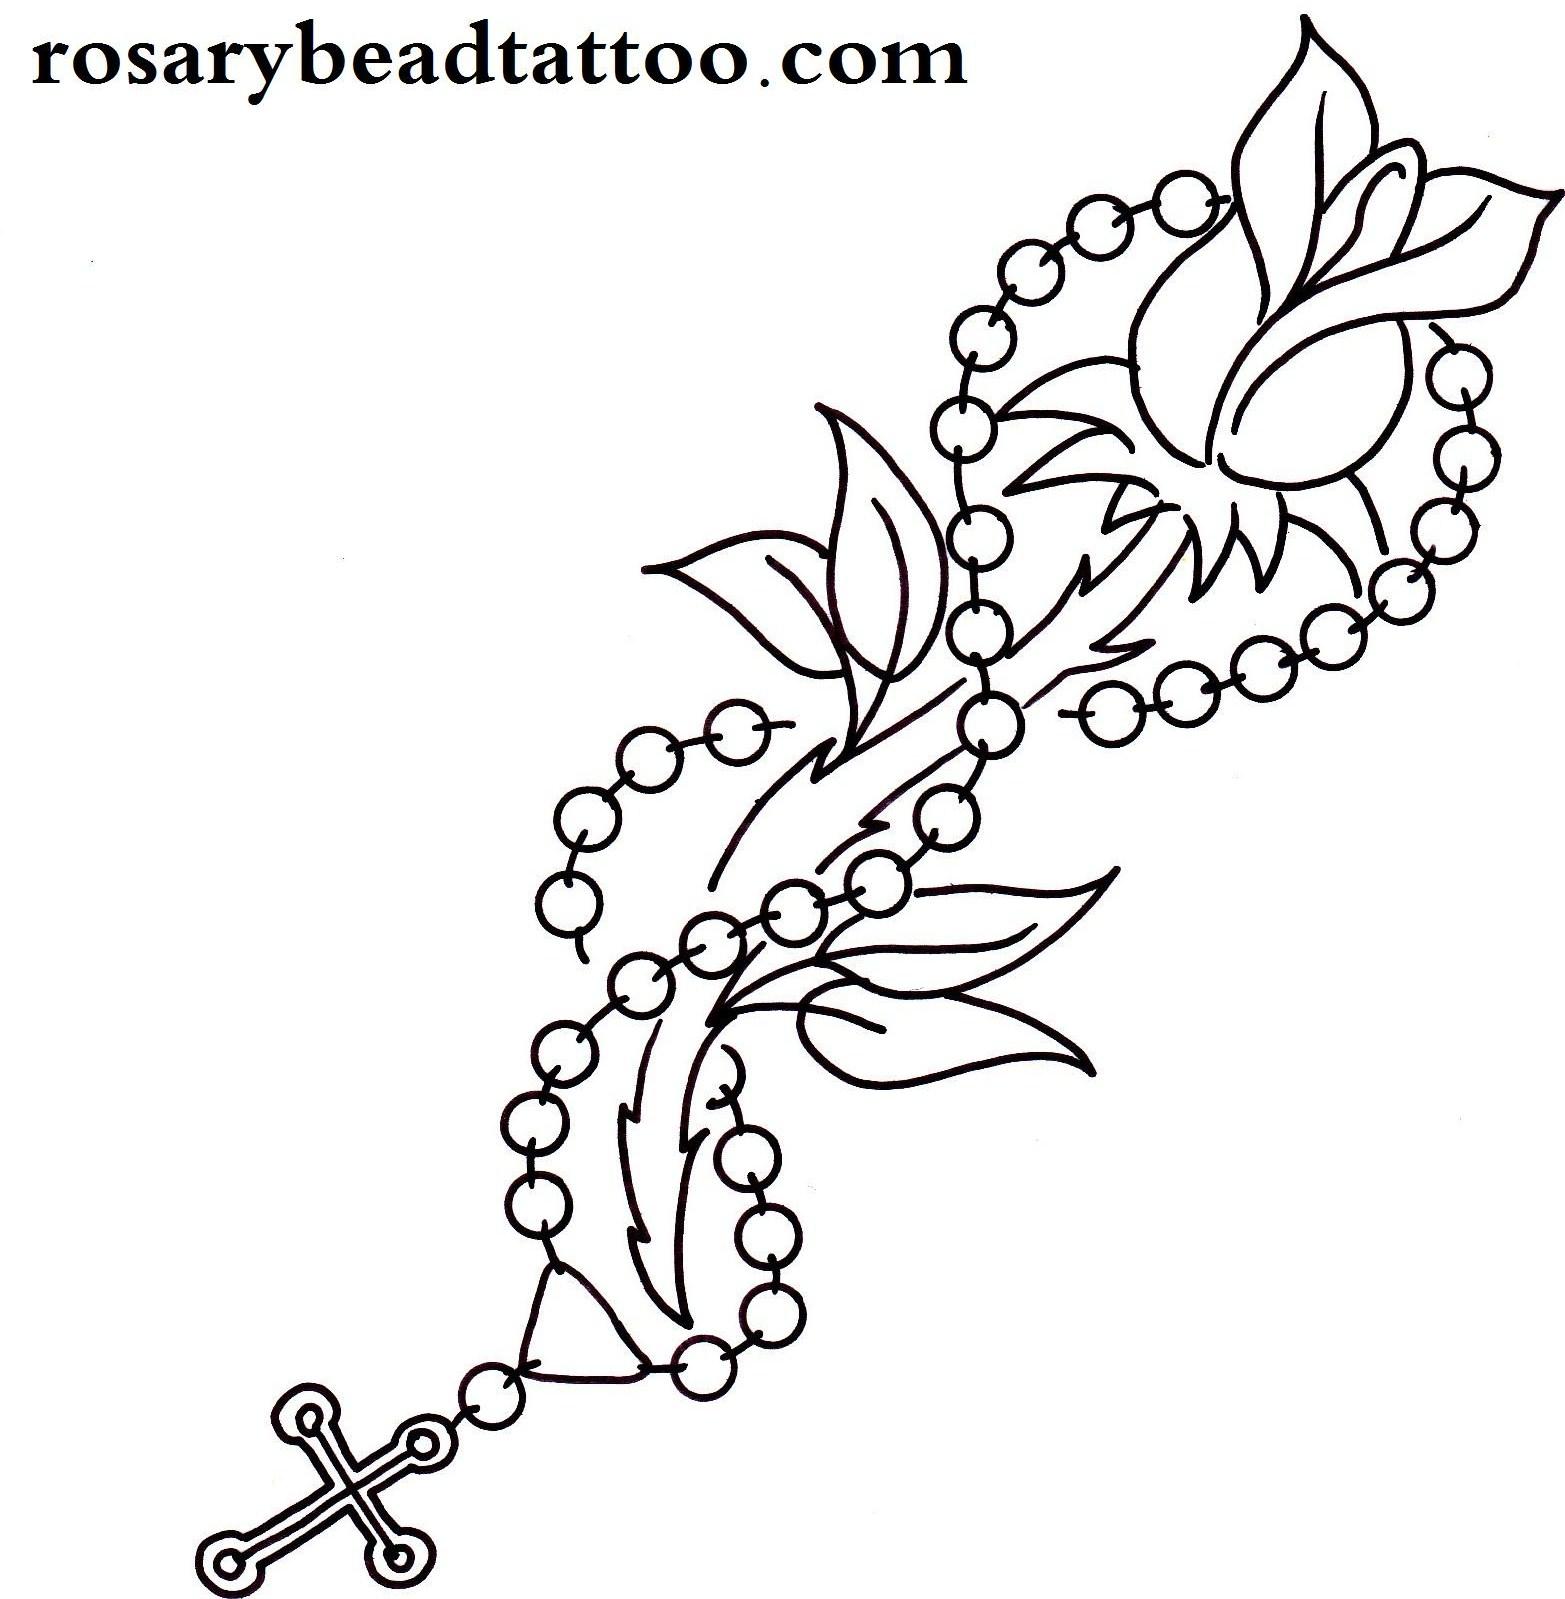 1565x1599 Rose Bud Tattoo,single Rose Tattoo,rosary Tattoo,flower Tattoo